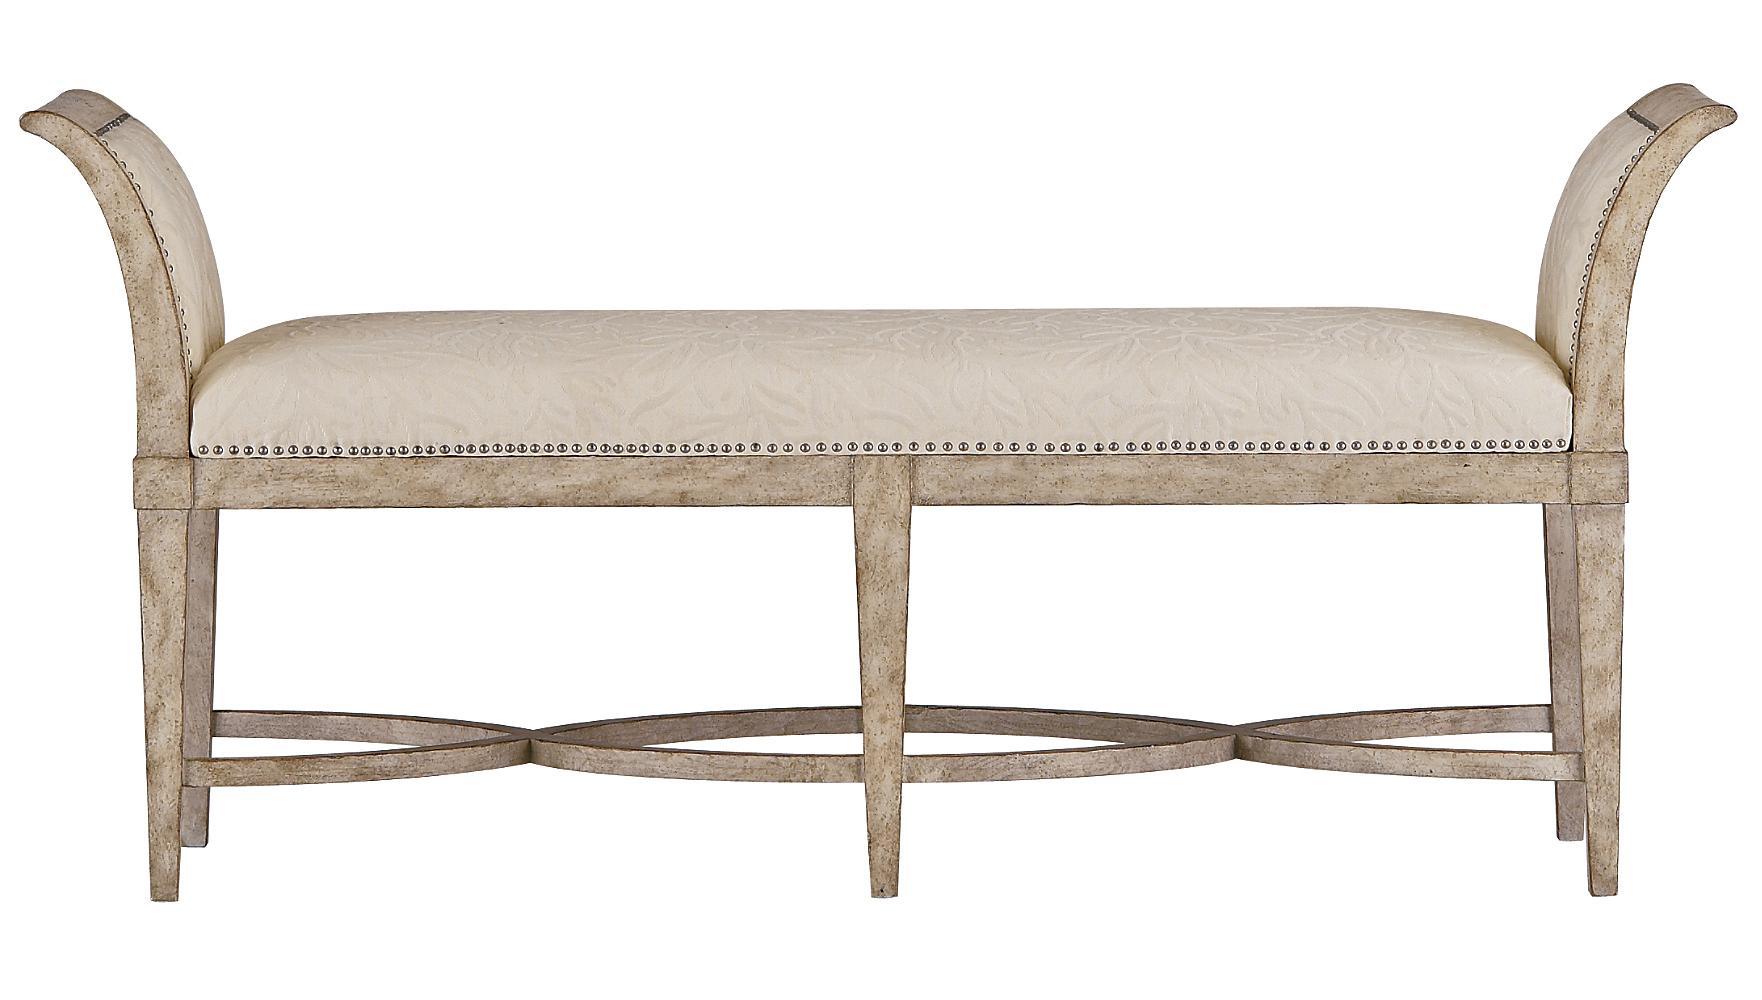 Stanley Furniture Coastal Living Resort Surfside Bed End Bench - Item Number: 062-23-72